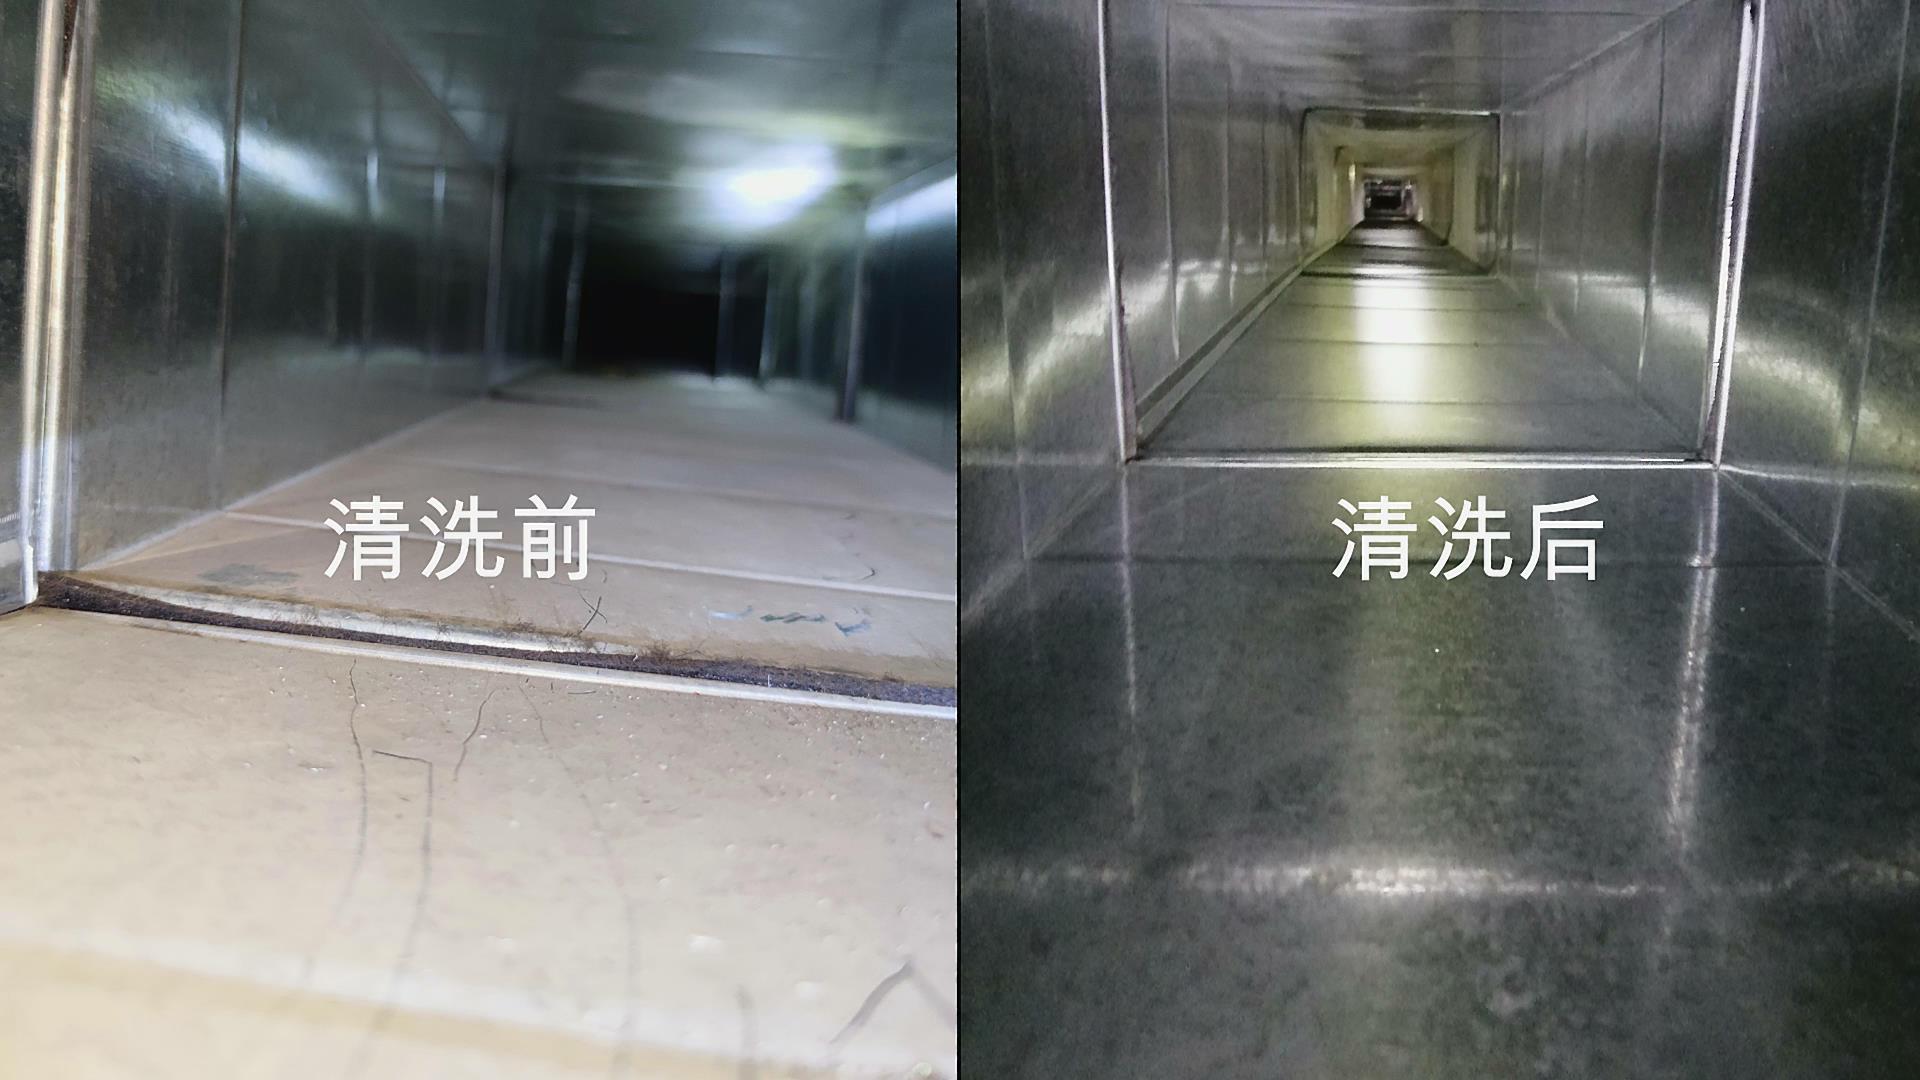 馨立方中央空调清洗流程介绍